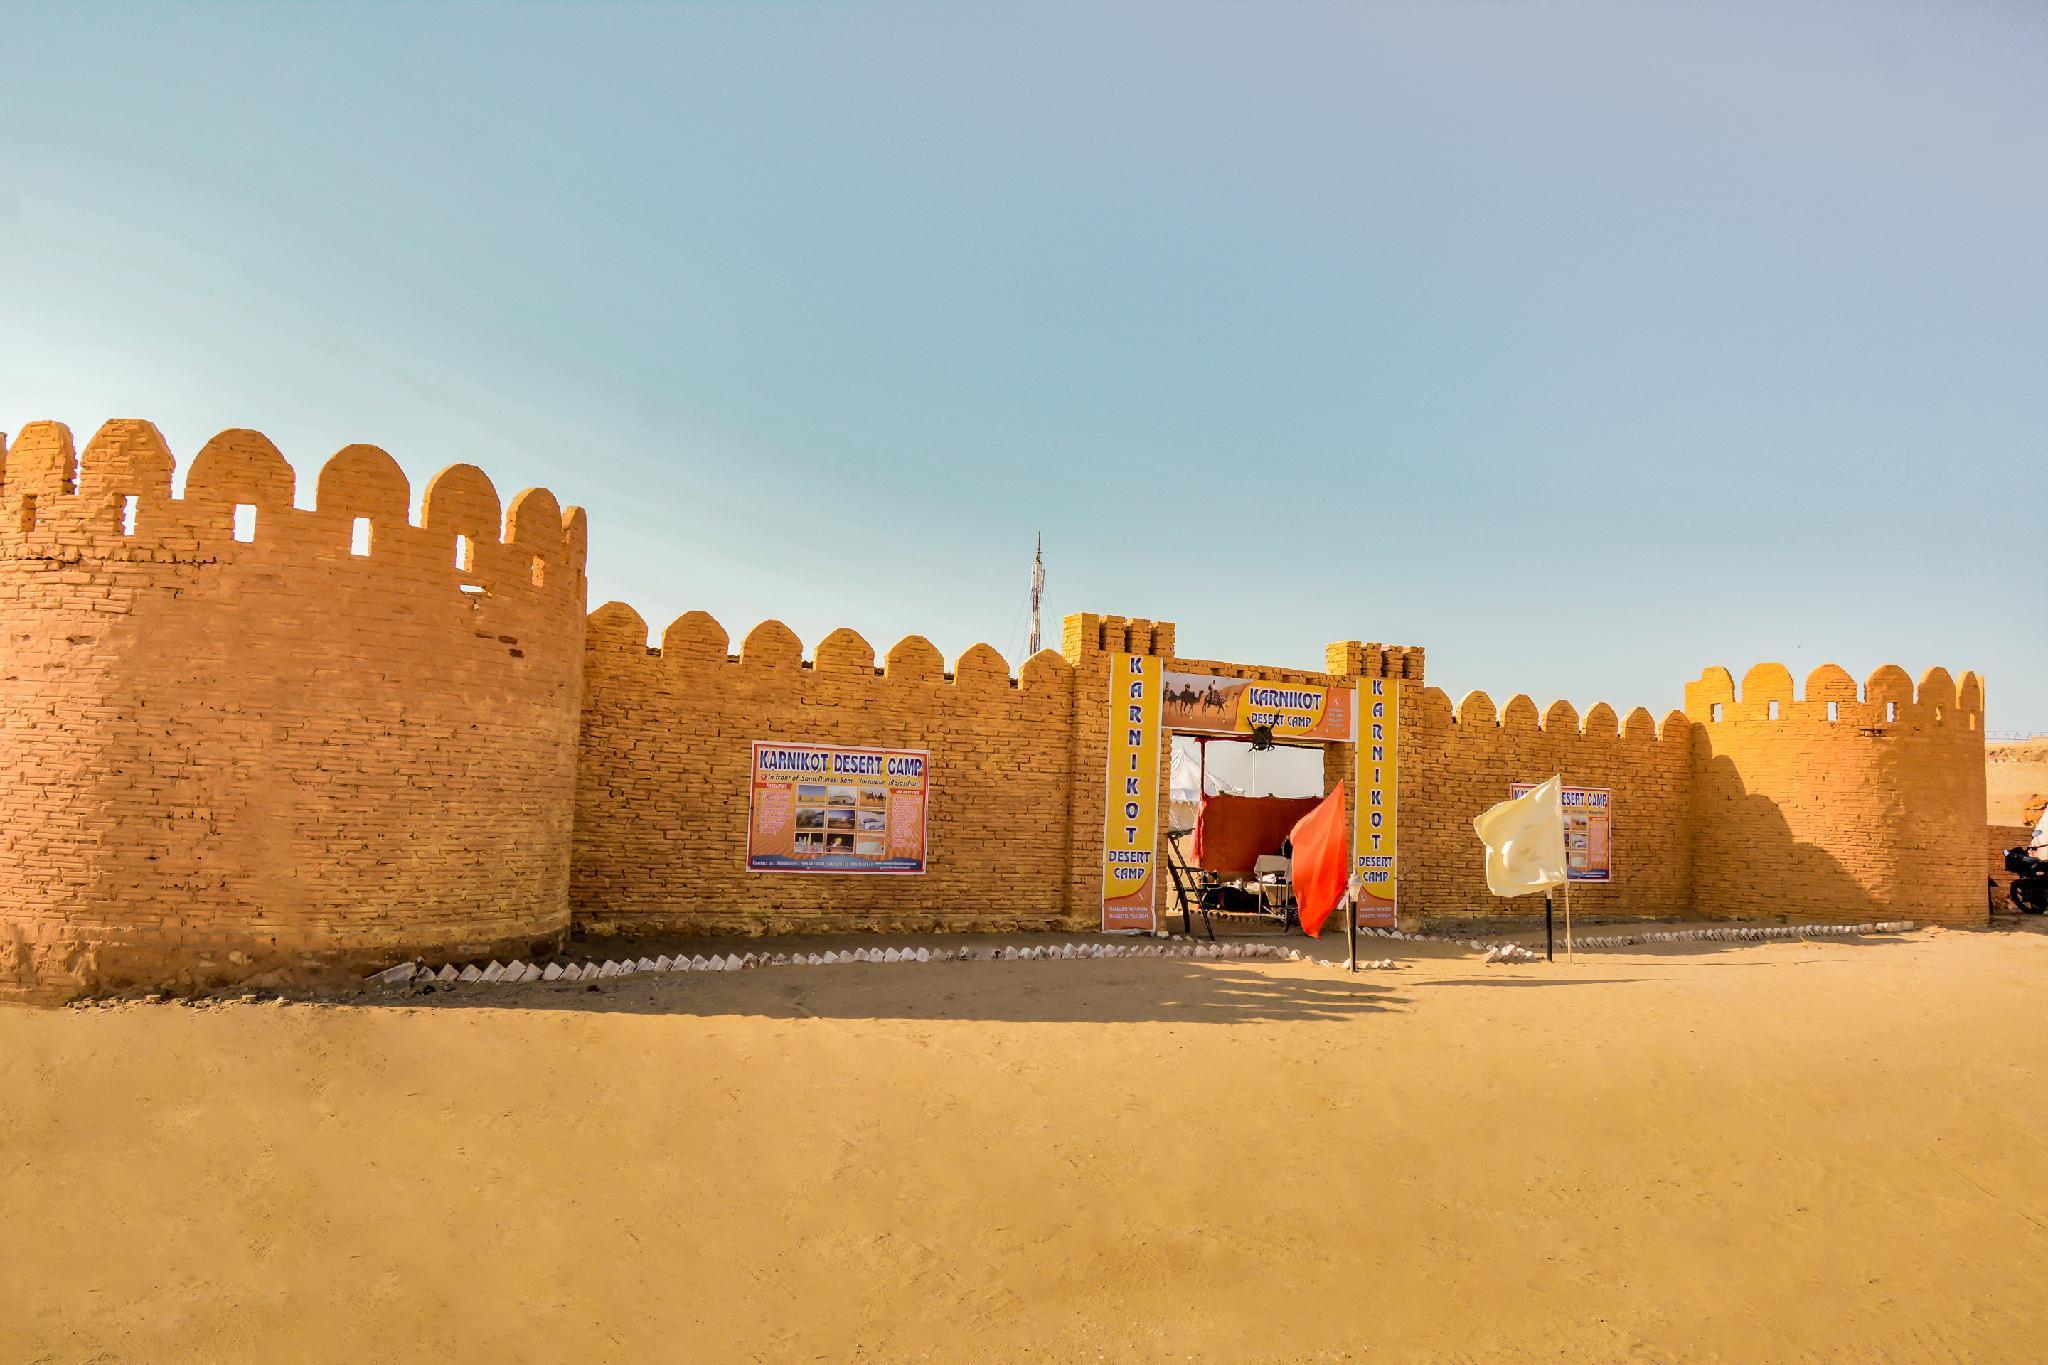 OYO 64695 Karnikot Desert Camp